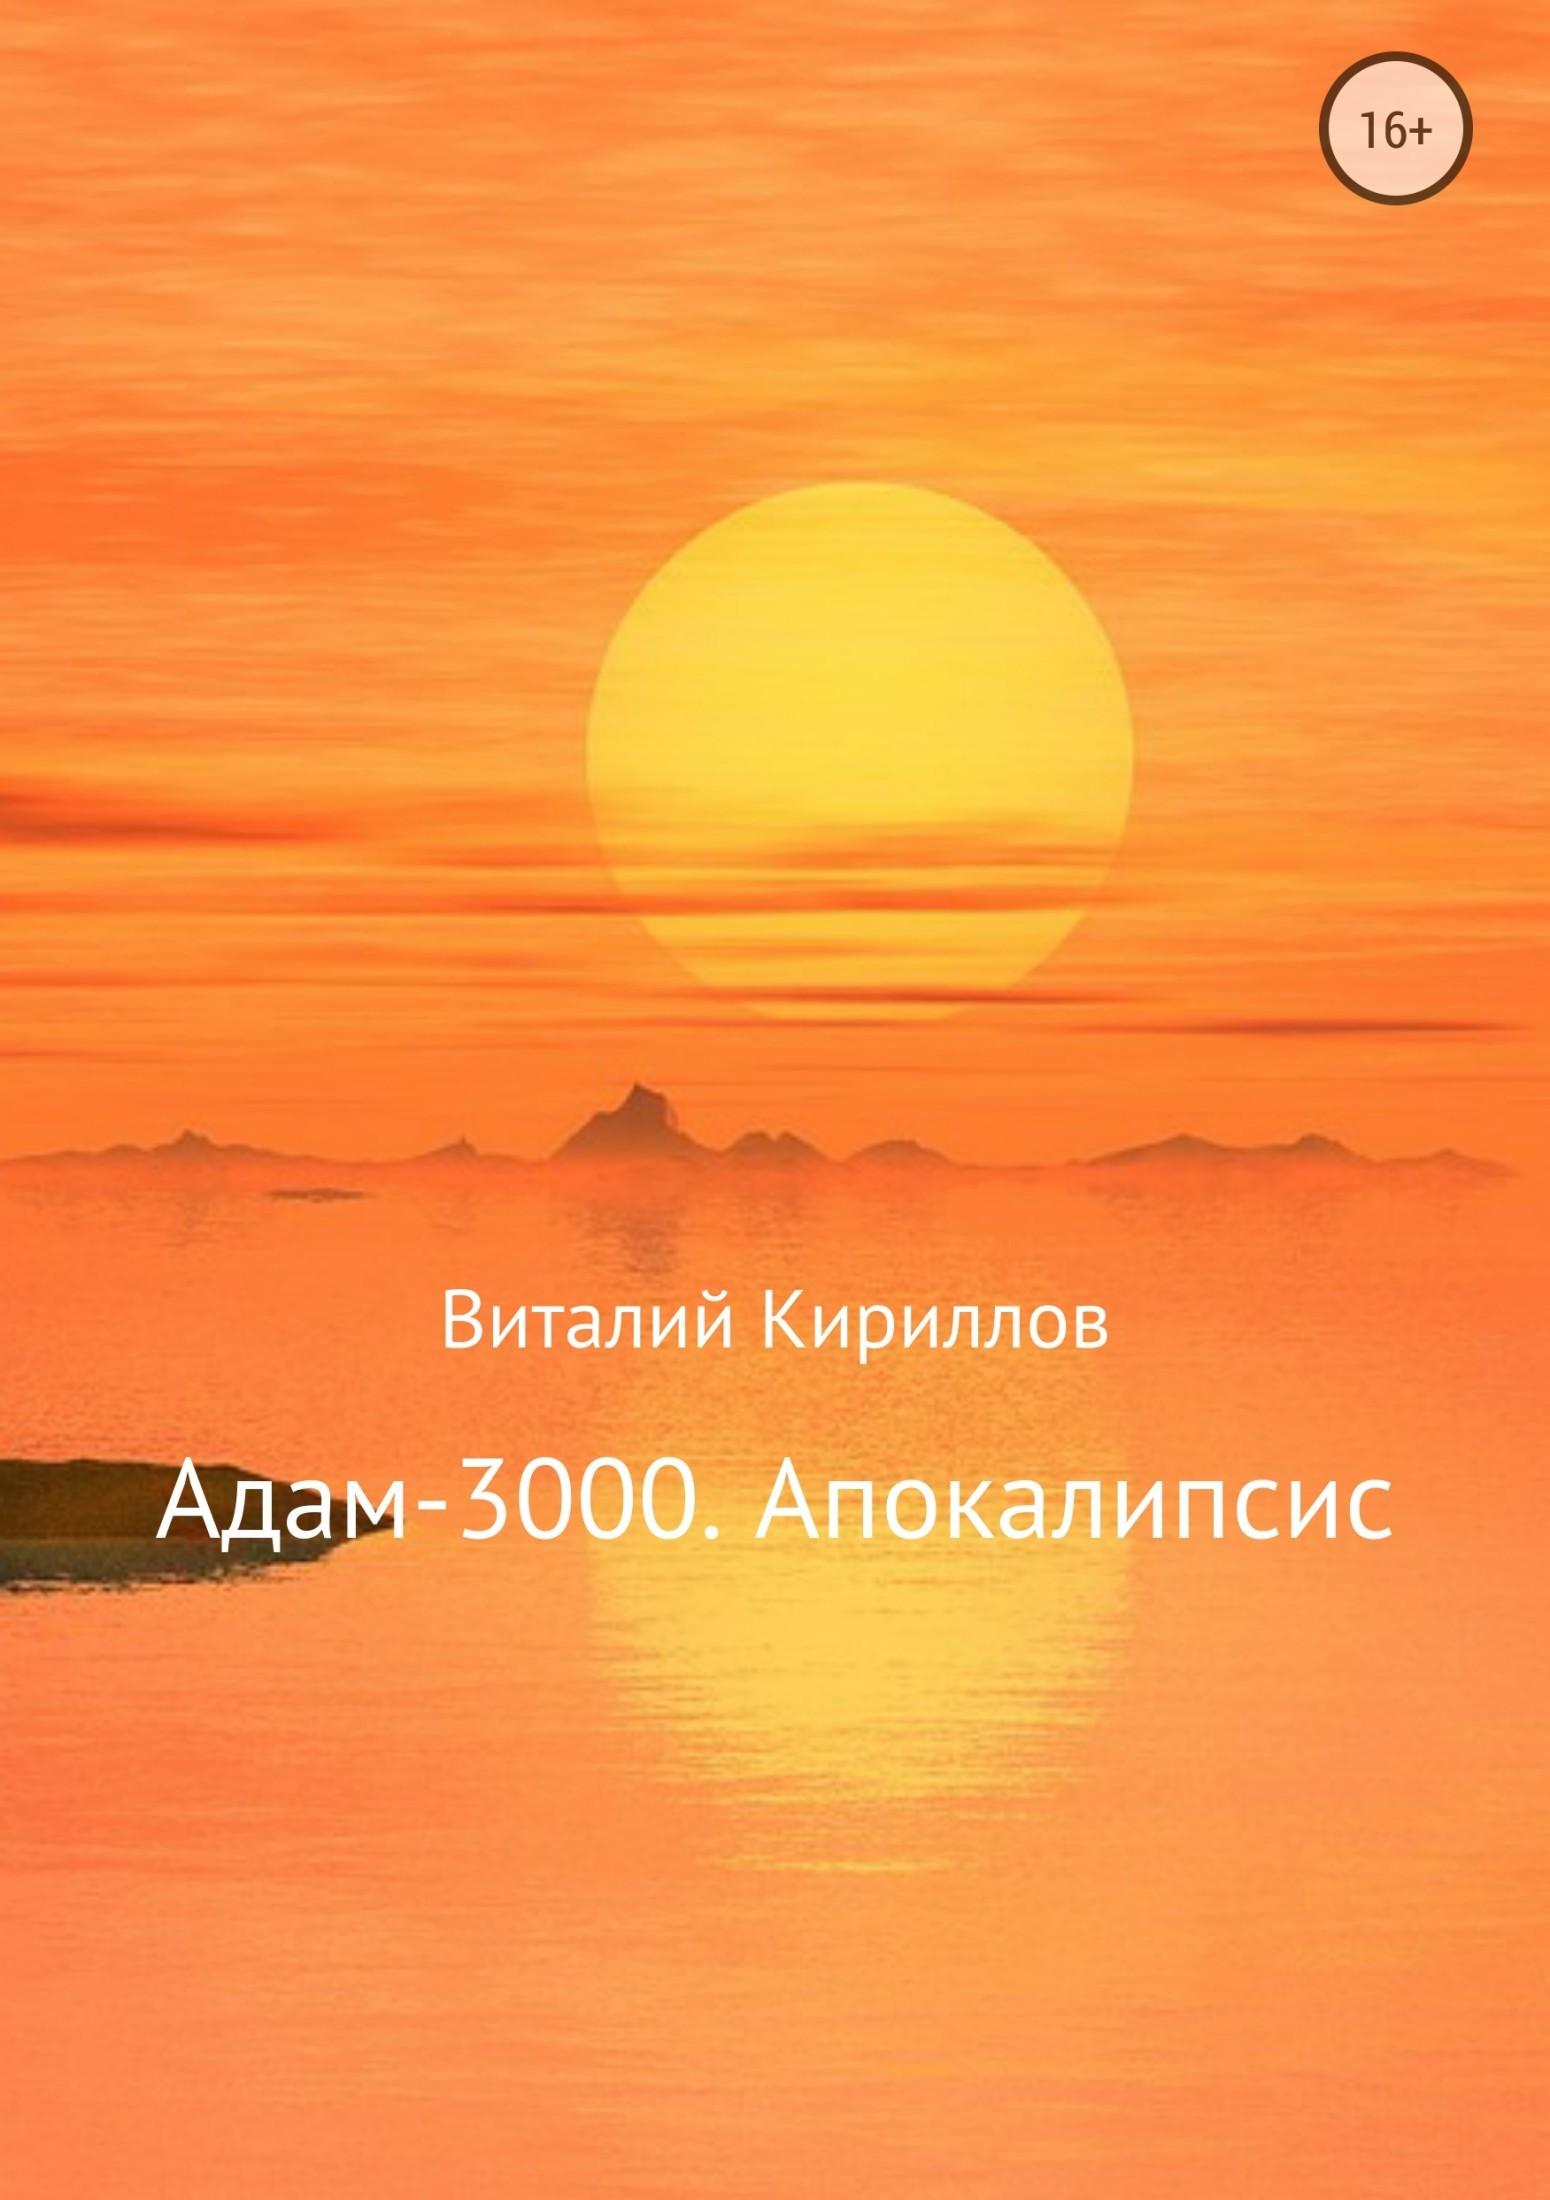 Виталий Александрович Кириллов Адам-3000. Апокалипсис самокат книга мизелиньская мизелиньский город гляделкин 3000 0